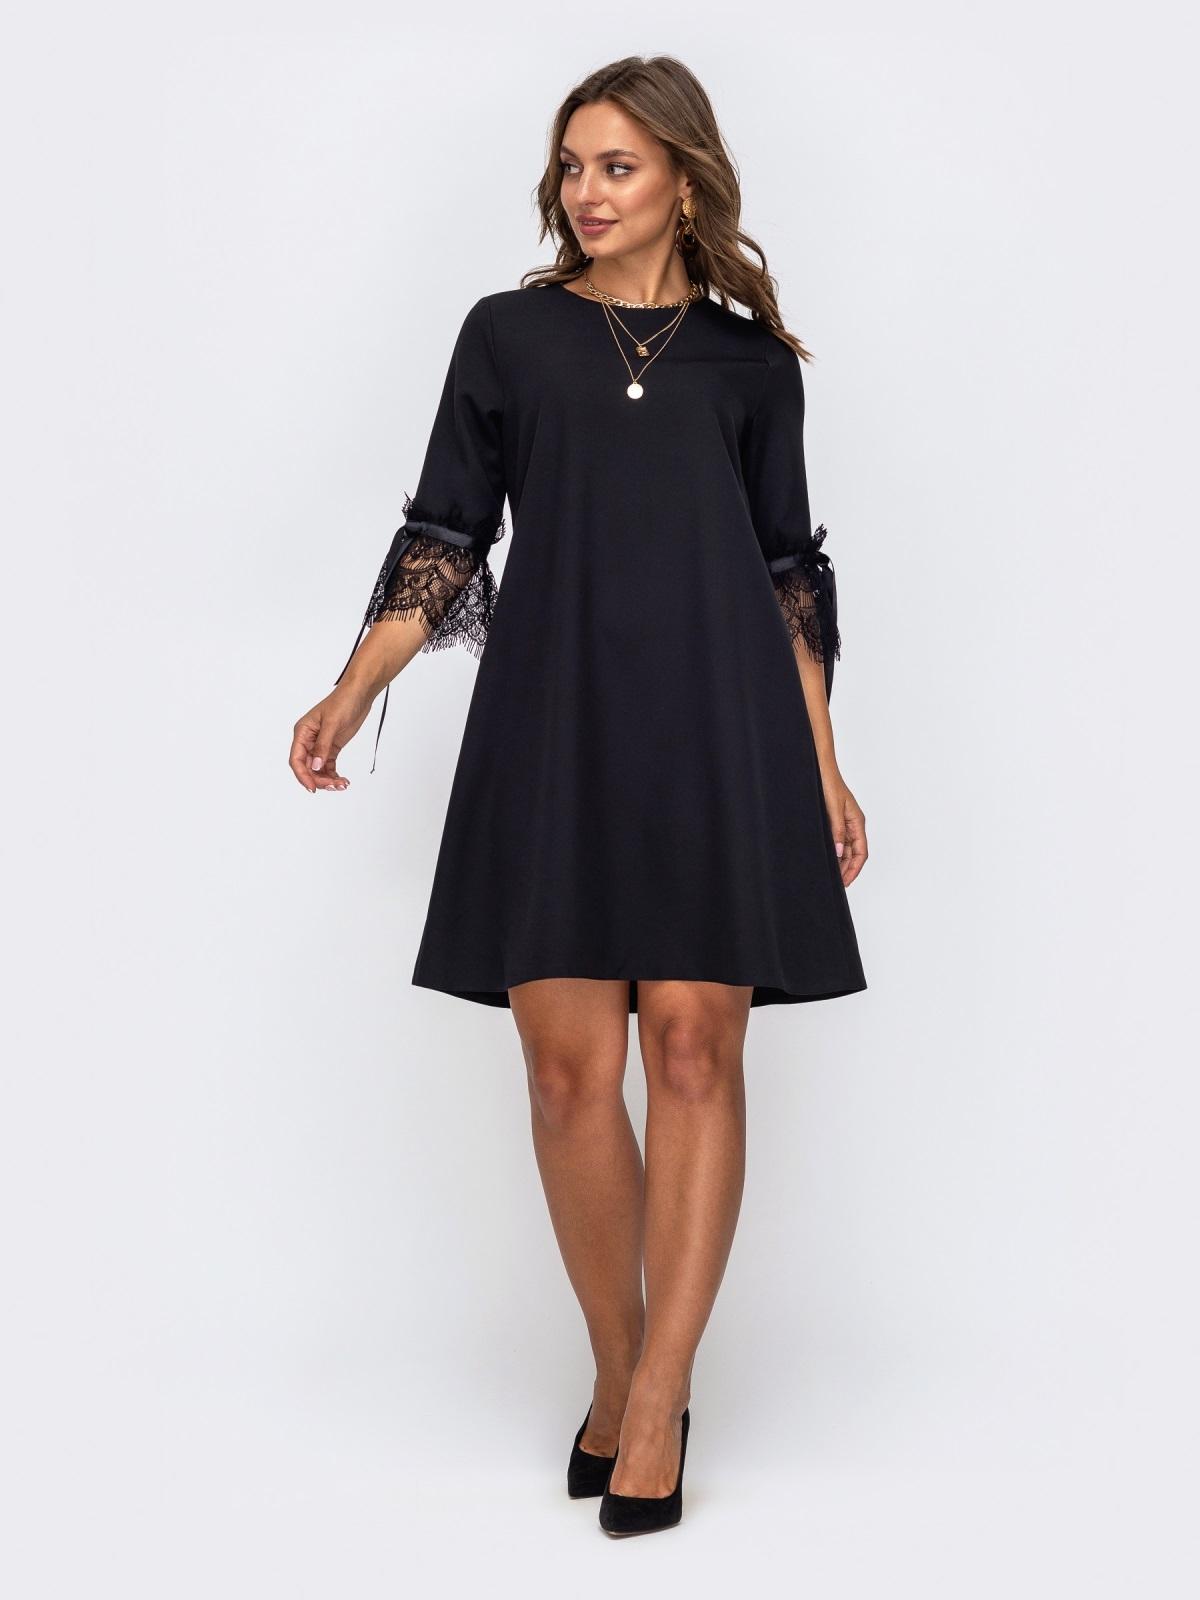 Чёрное платье-трапеция с кружевом на рукавах 50235, фото 1